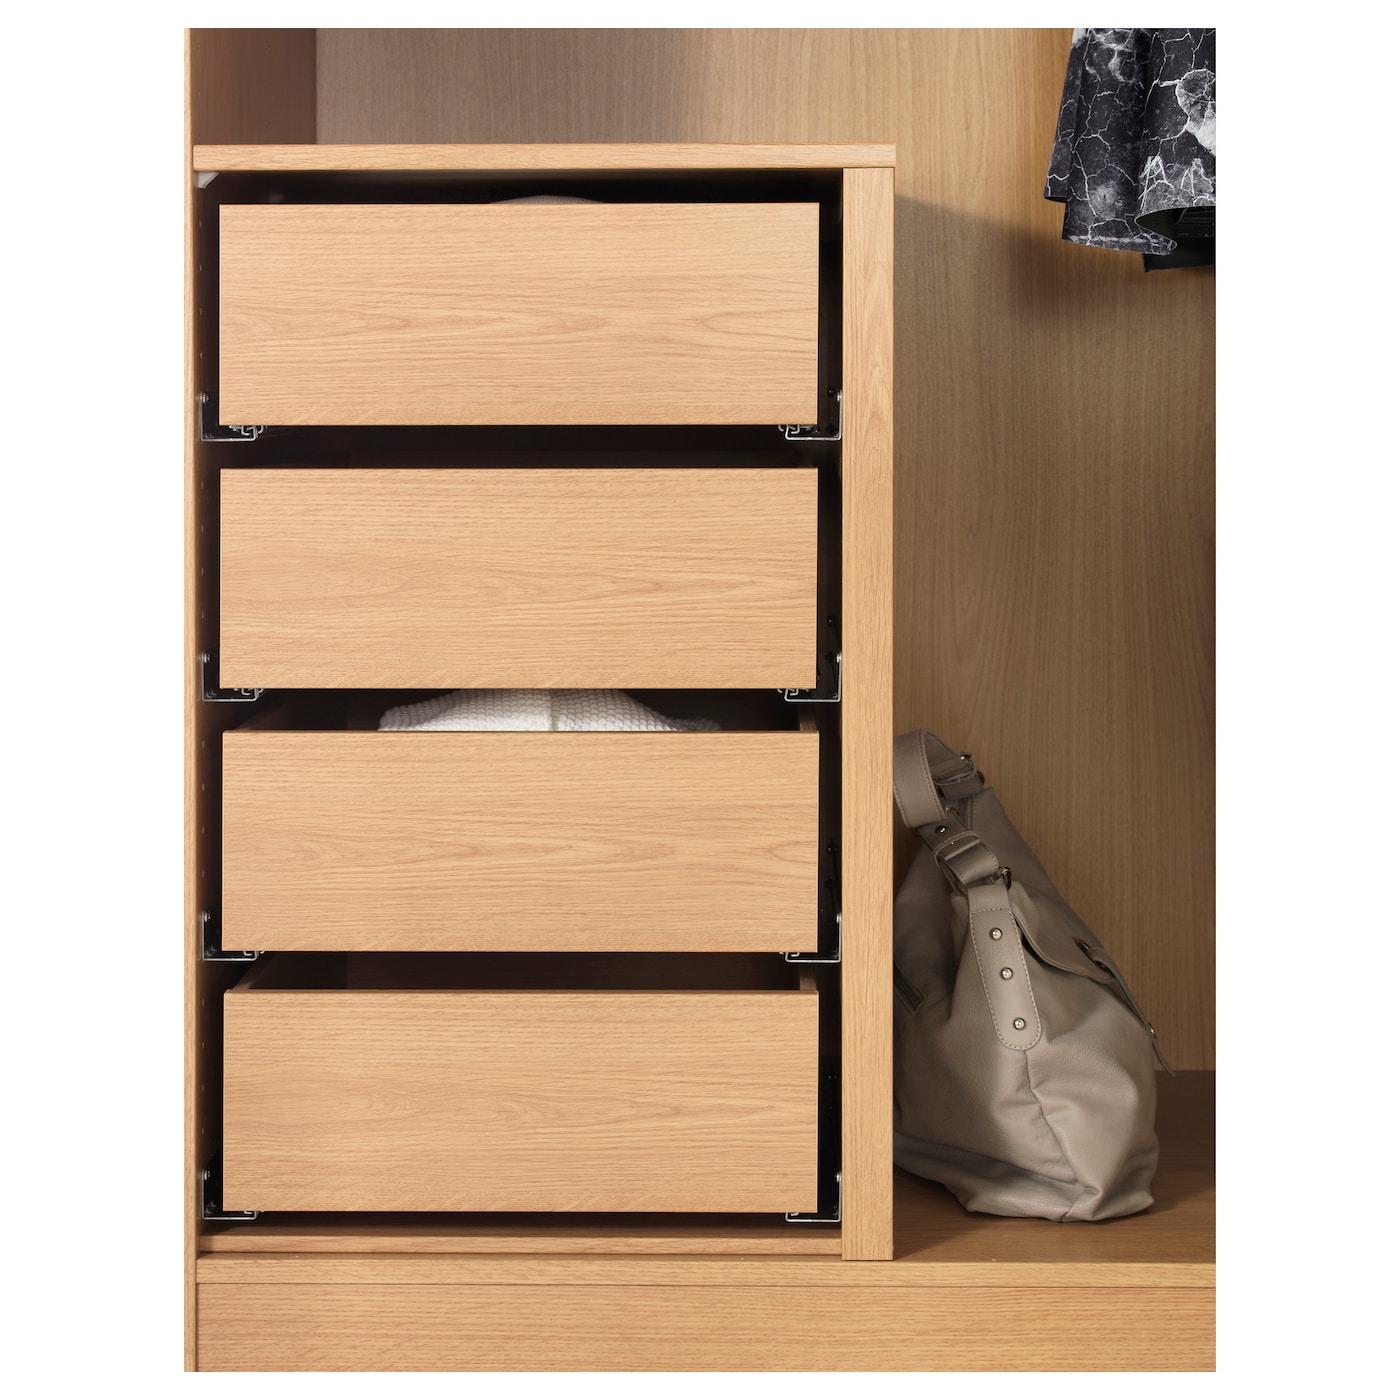 komplement divider for frames oak effect 75 100 x 58 cm ikea. Black Bedroom Furniture Sets. Home Design Ideas